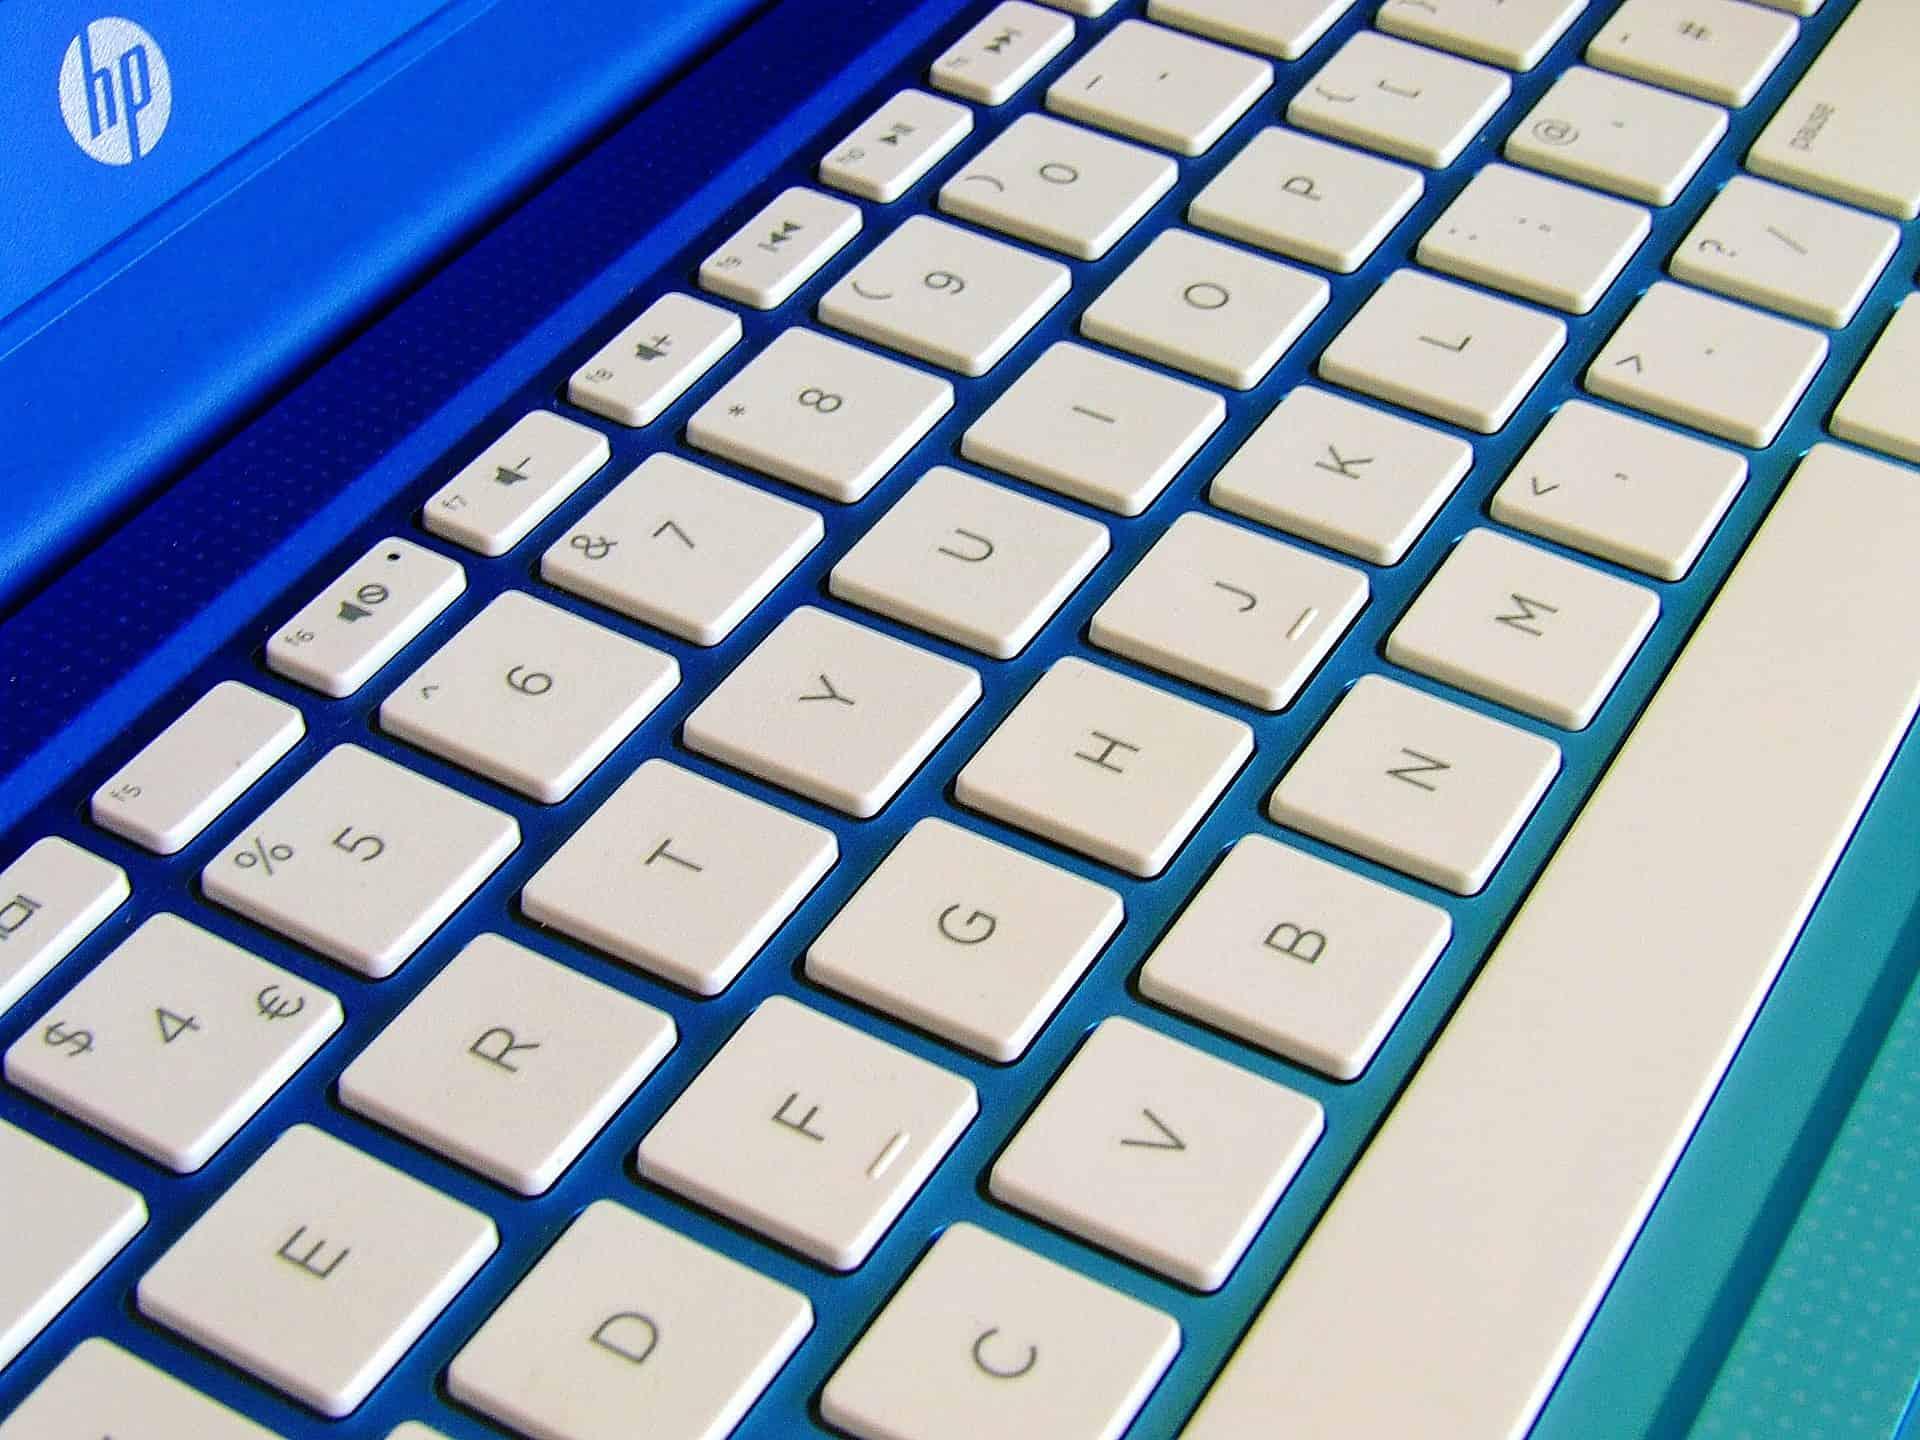 Imagem mostra as teclas brancas de um notebook HP.